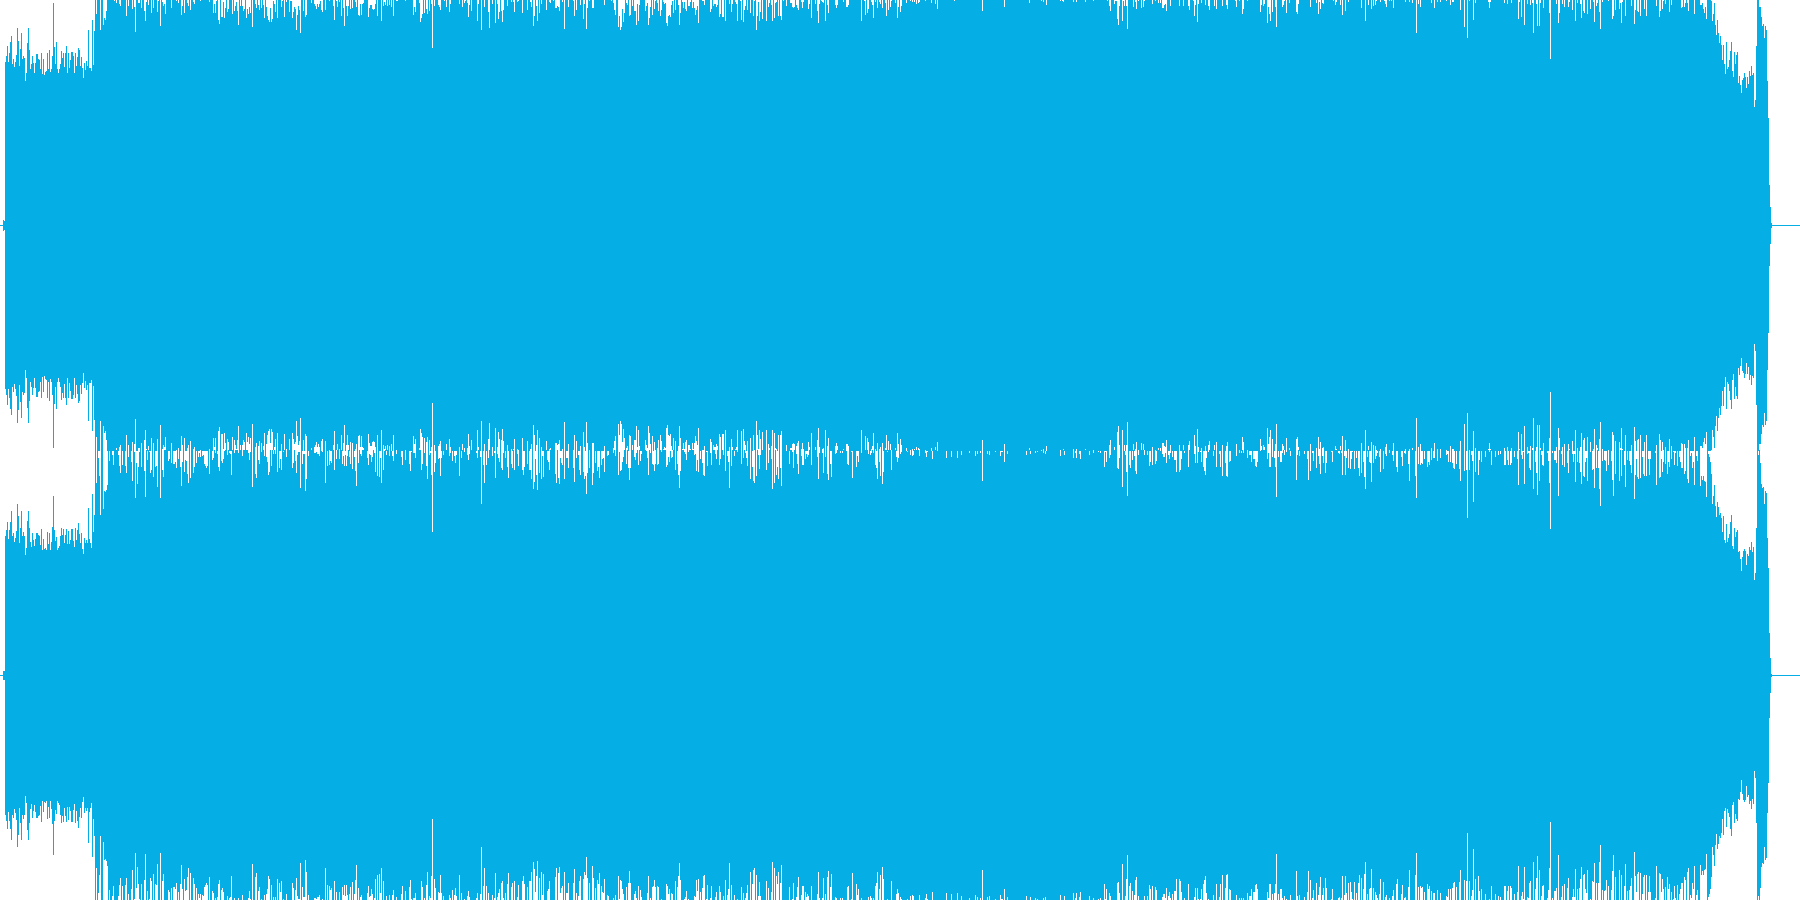 ダンスロック ロックバンドの再生済みの波形